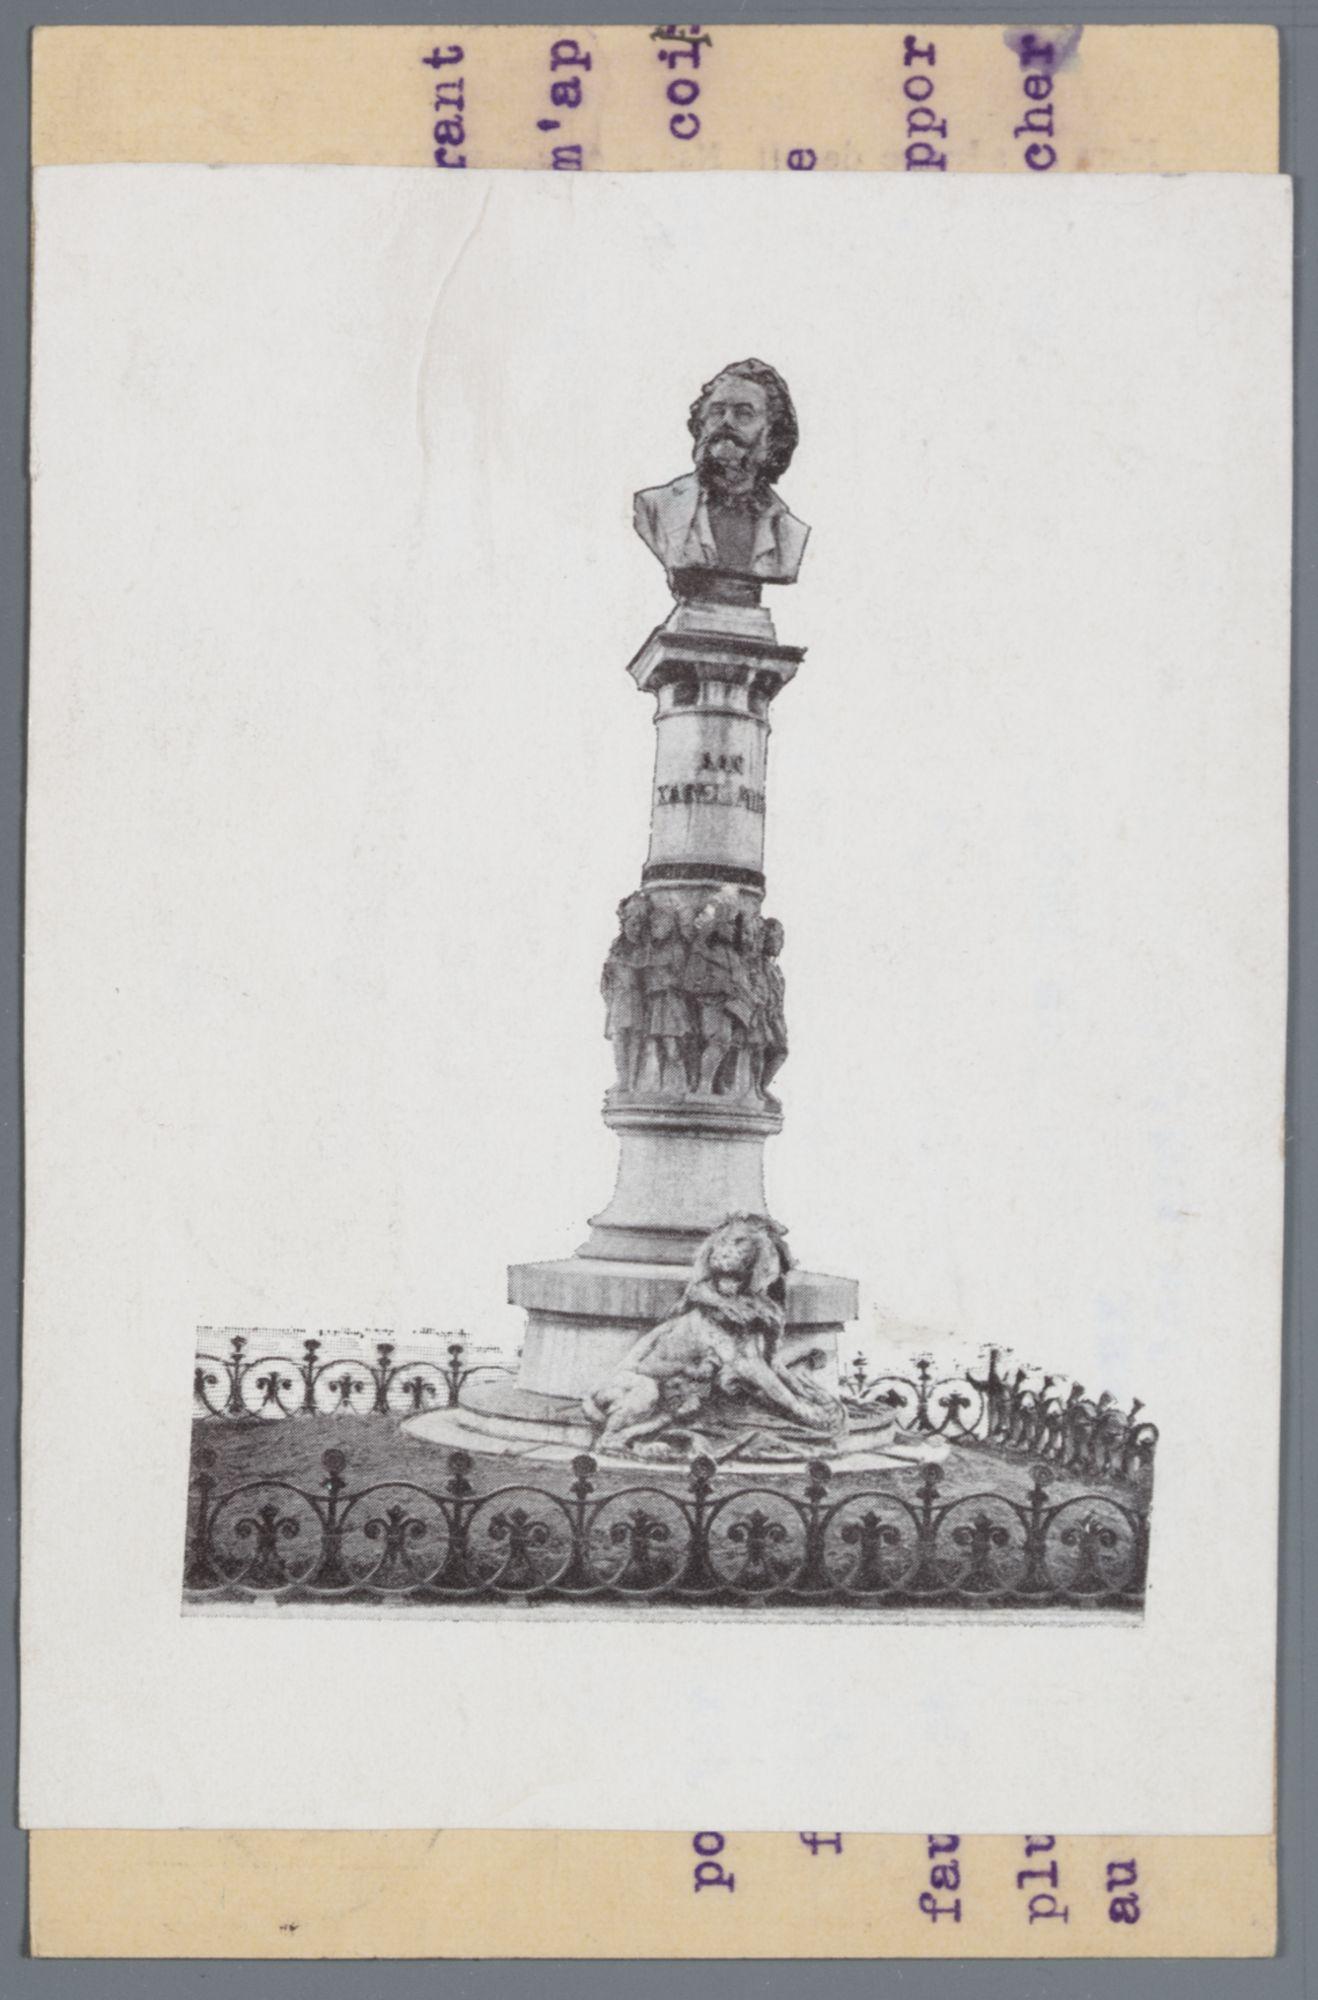 Gent: Casinoplein, monument voor Karel Miry